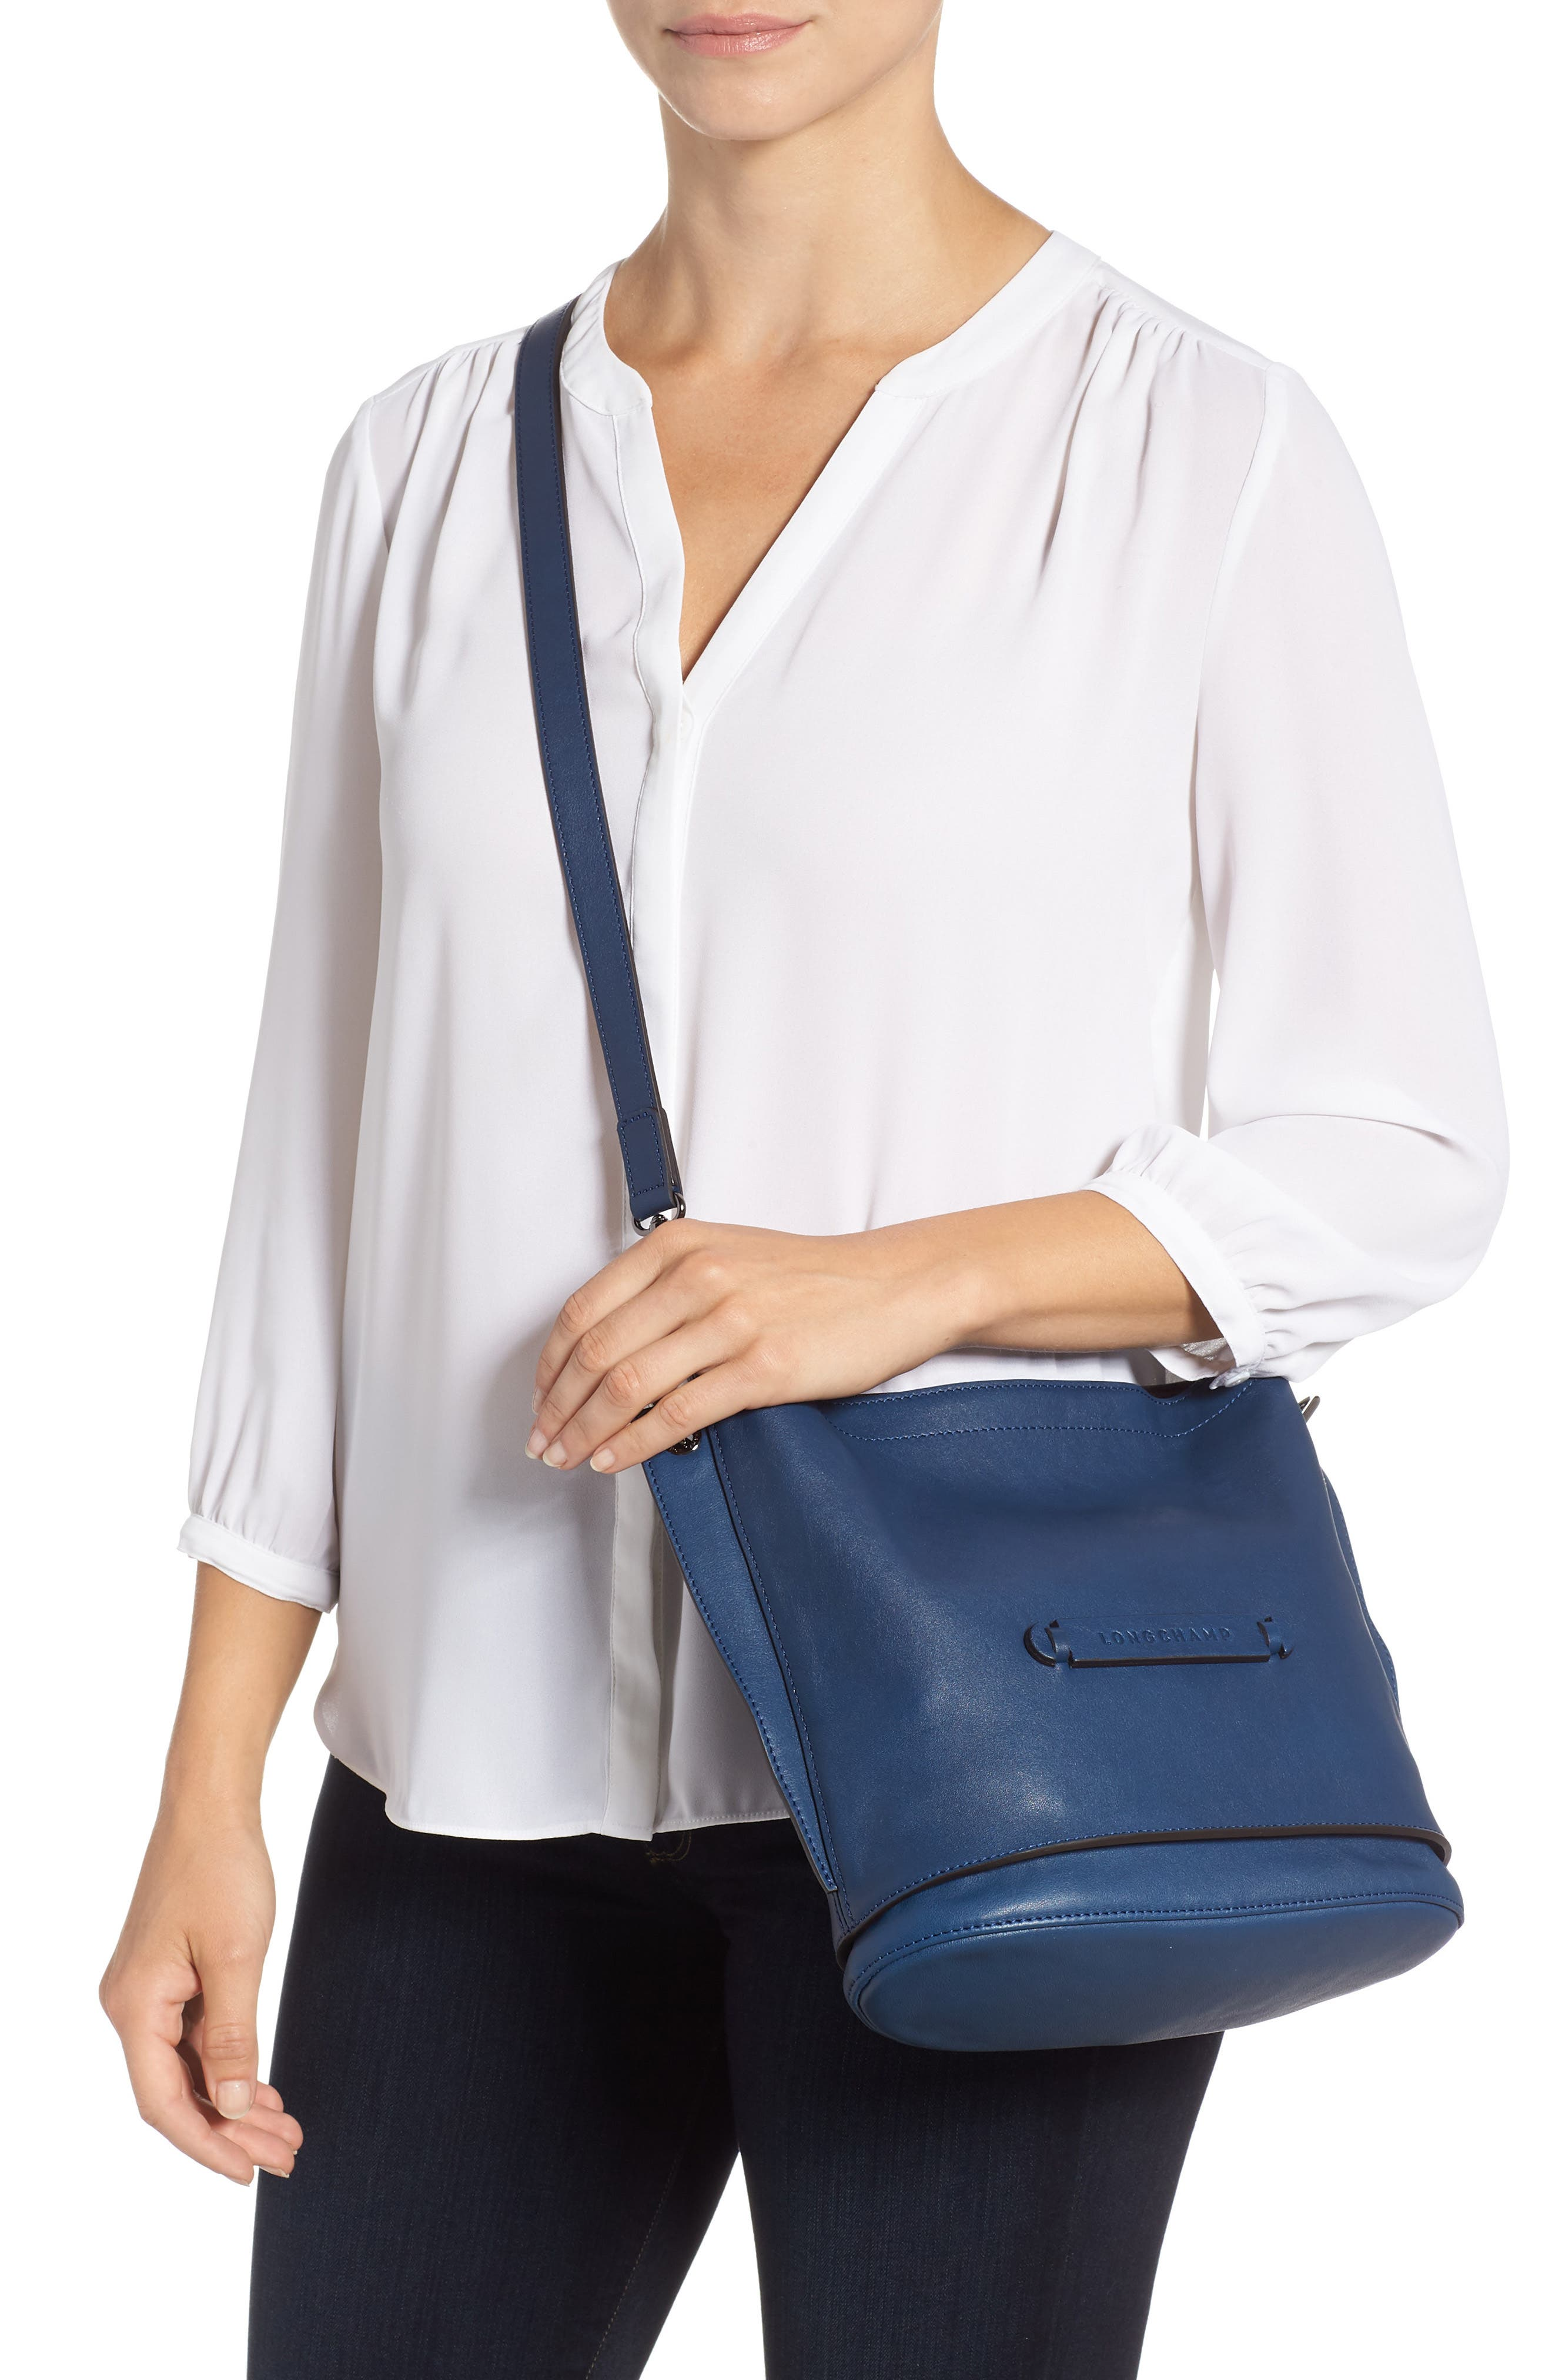 3D Leather Bucket Bag,                             Alternate thumbnail 2, color,                             PILOT BLUE